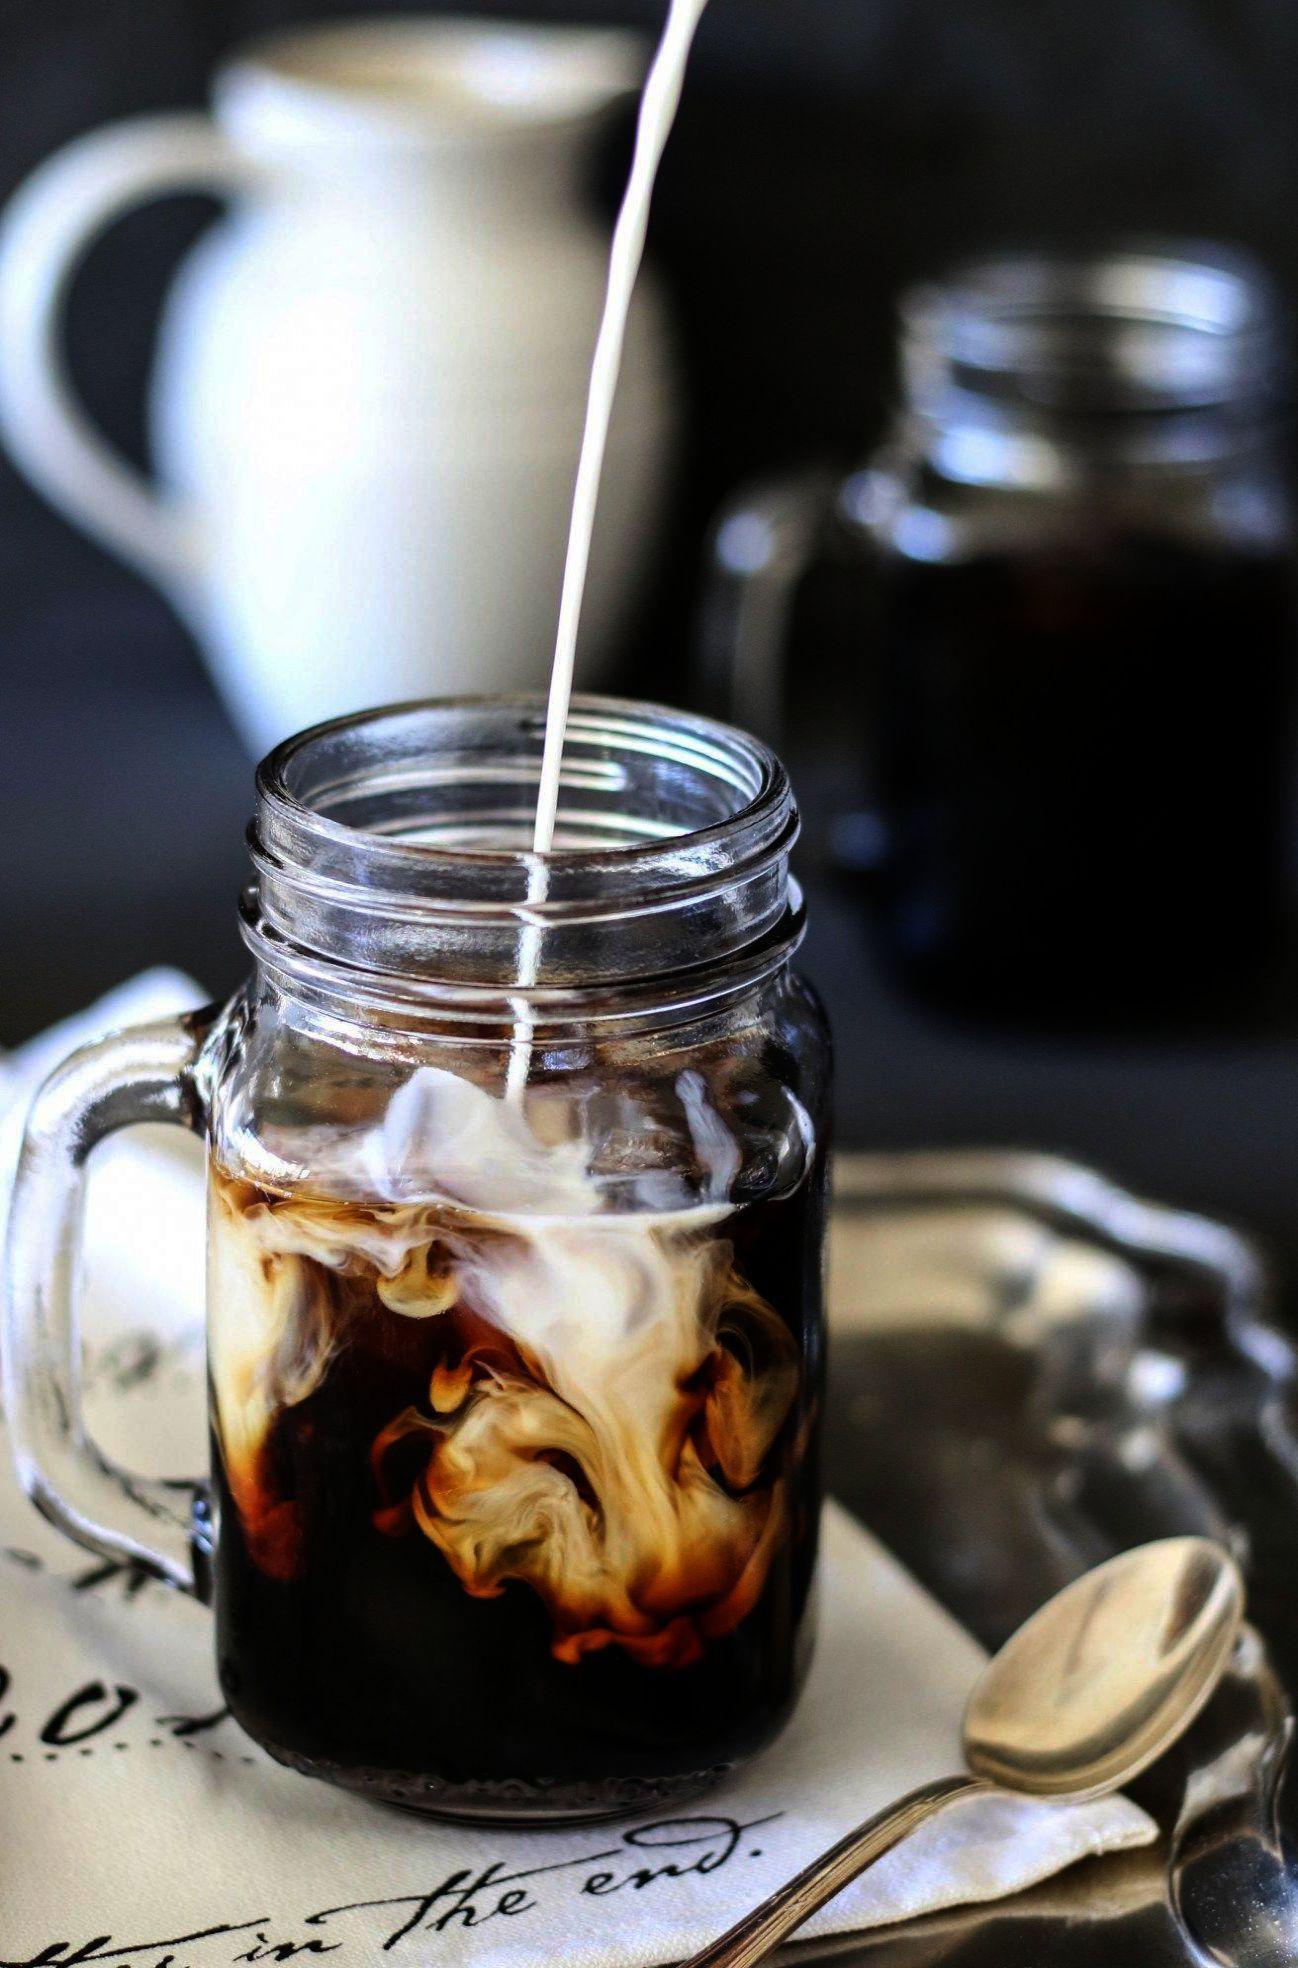 Coffee Bean Arwyp Menu Few Coffee Meets Bagel Refund Recept Kafe Drinkar